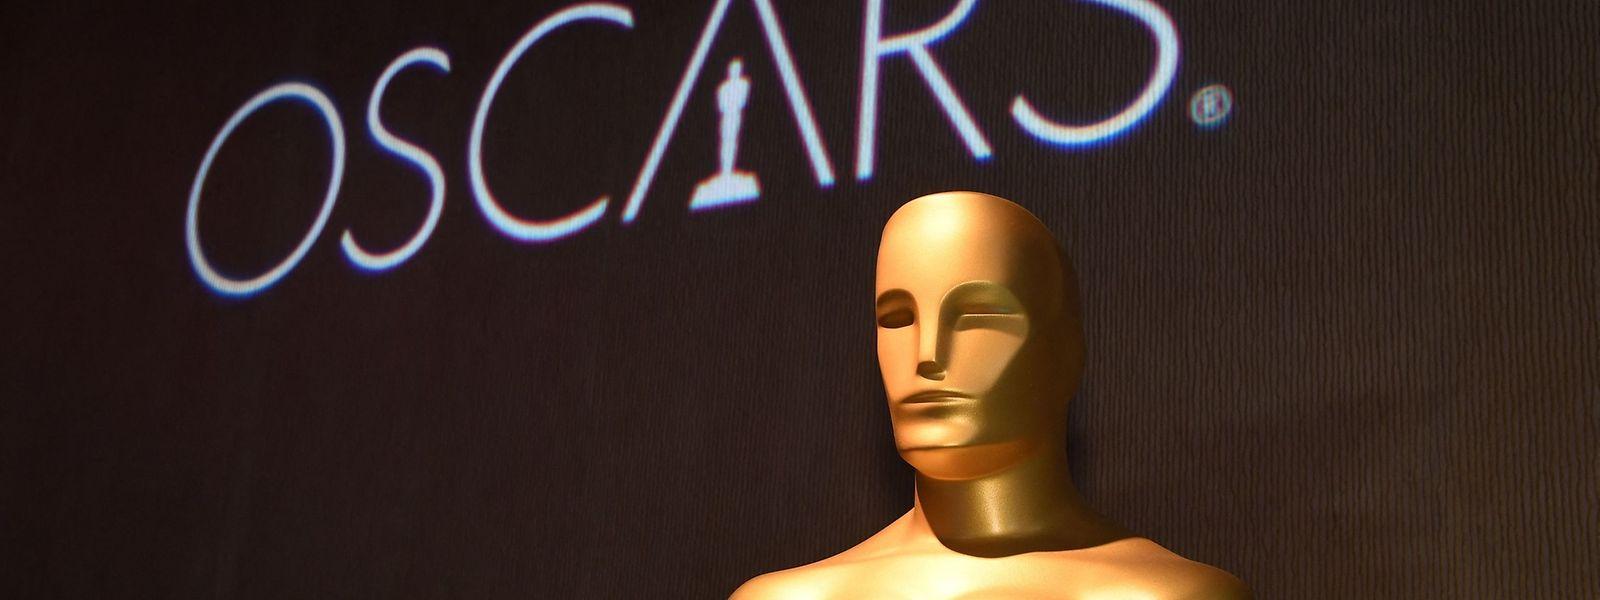 Dreimal dürfen zwei in Luxemburg produzierte Filme zum Oscar greifen: Bester Dokumentarfilm, bester Film in ausländischer Sprache, bester Animationsfilm.